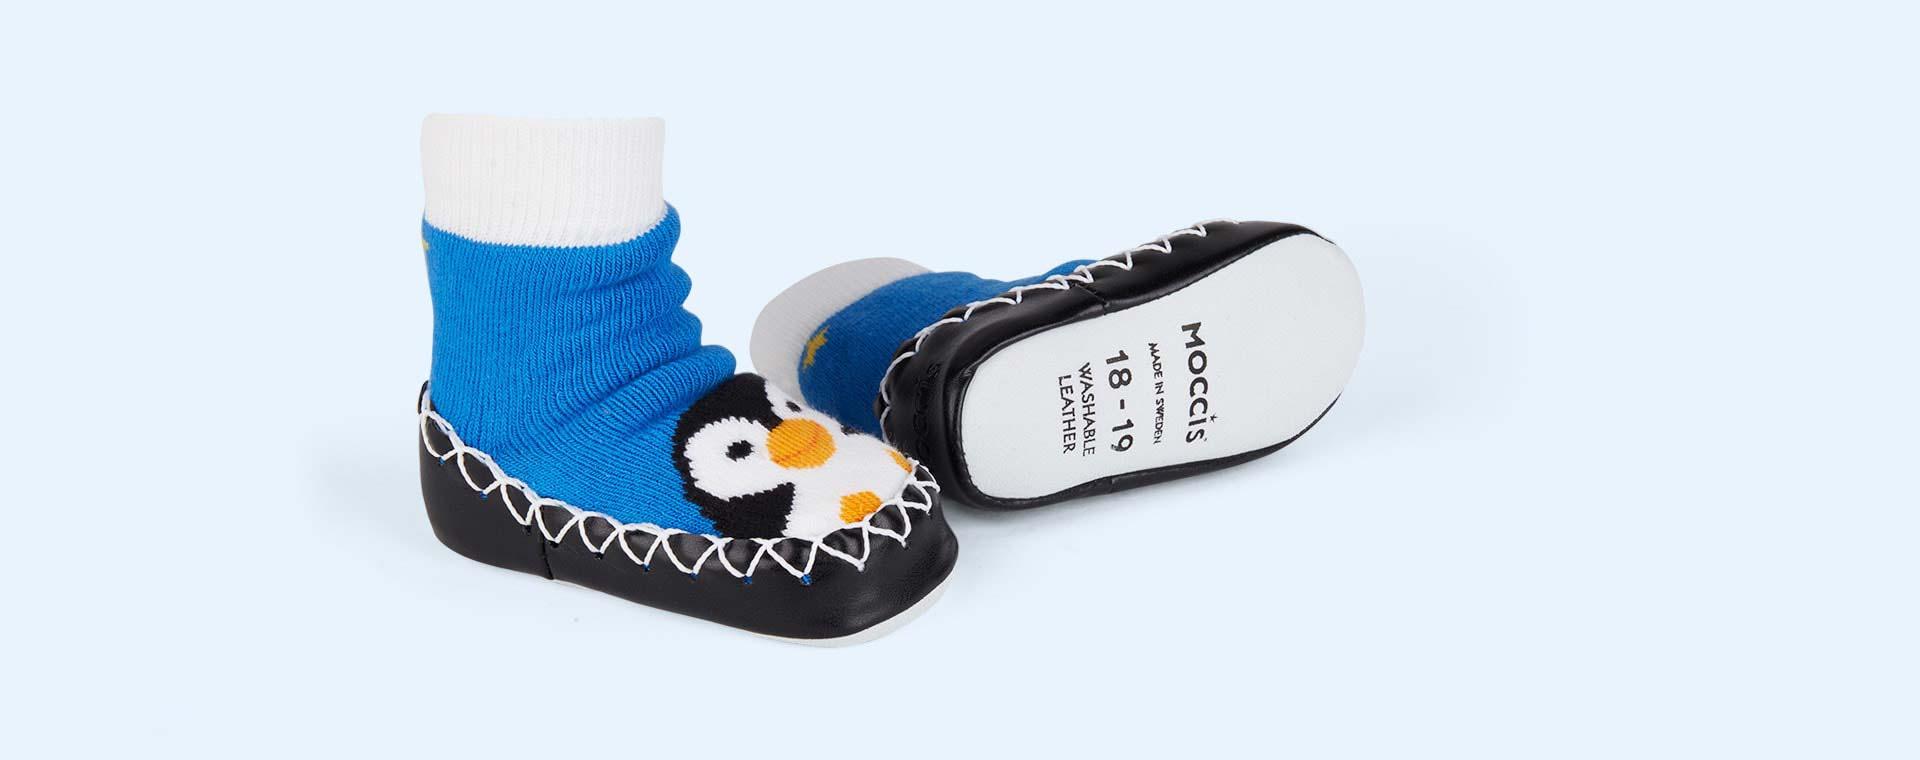 Pengy Brr Moccis Moccasin Slipper Socks